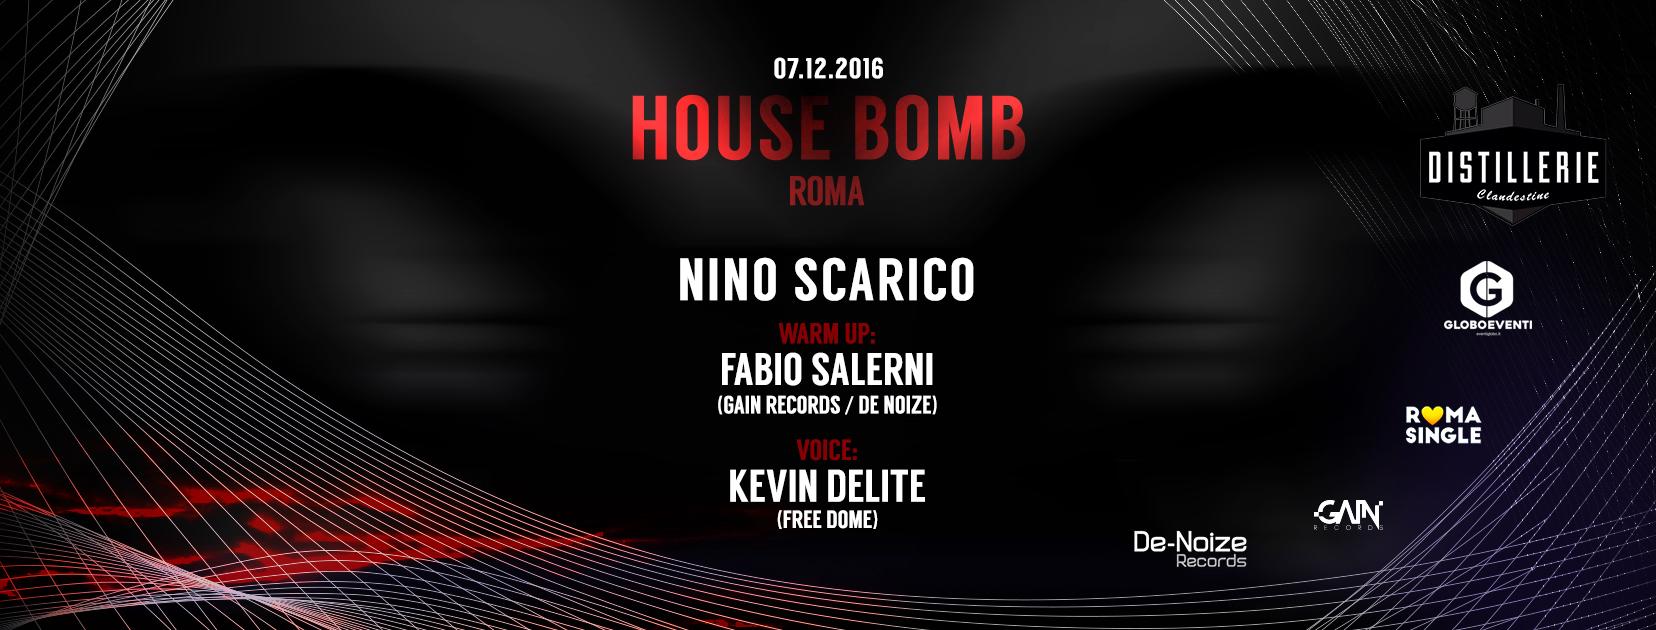 Serata House Roma prefestivo 7 dic. Distillerie Clandestine House Bomb